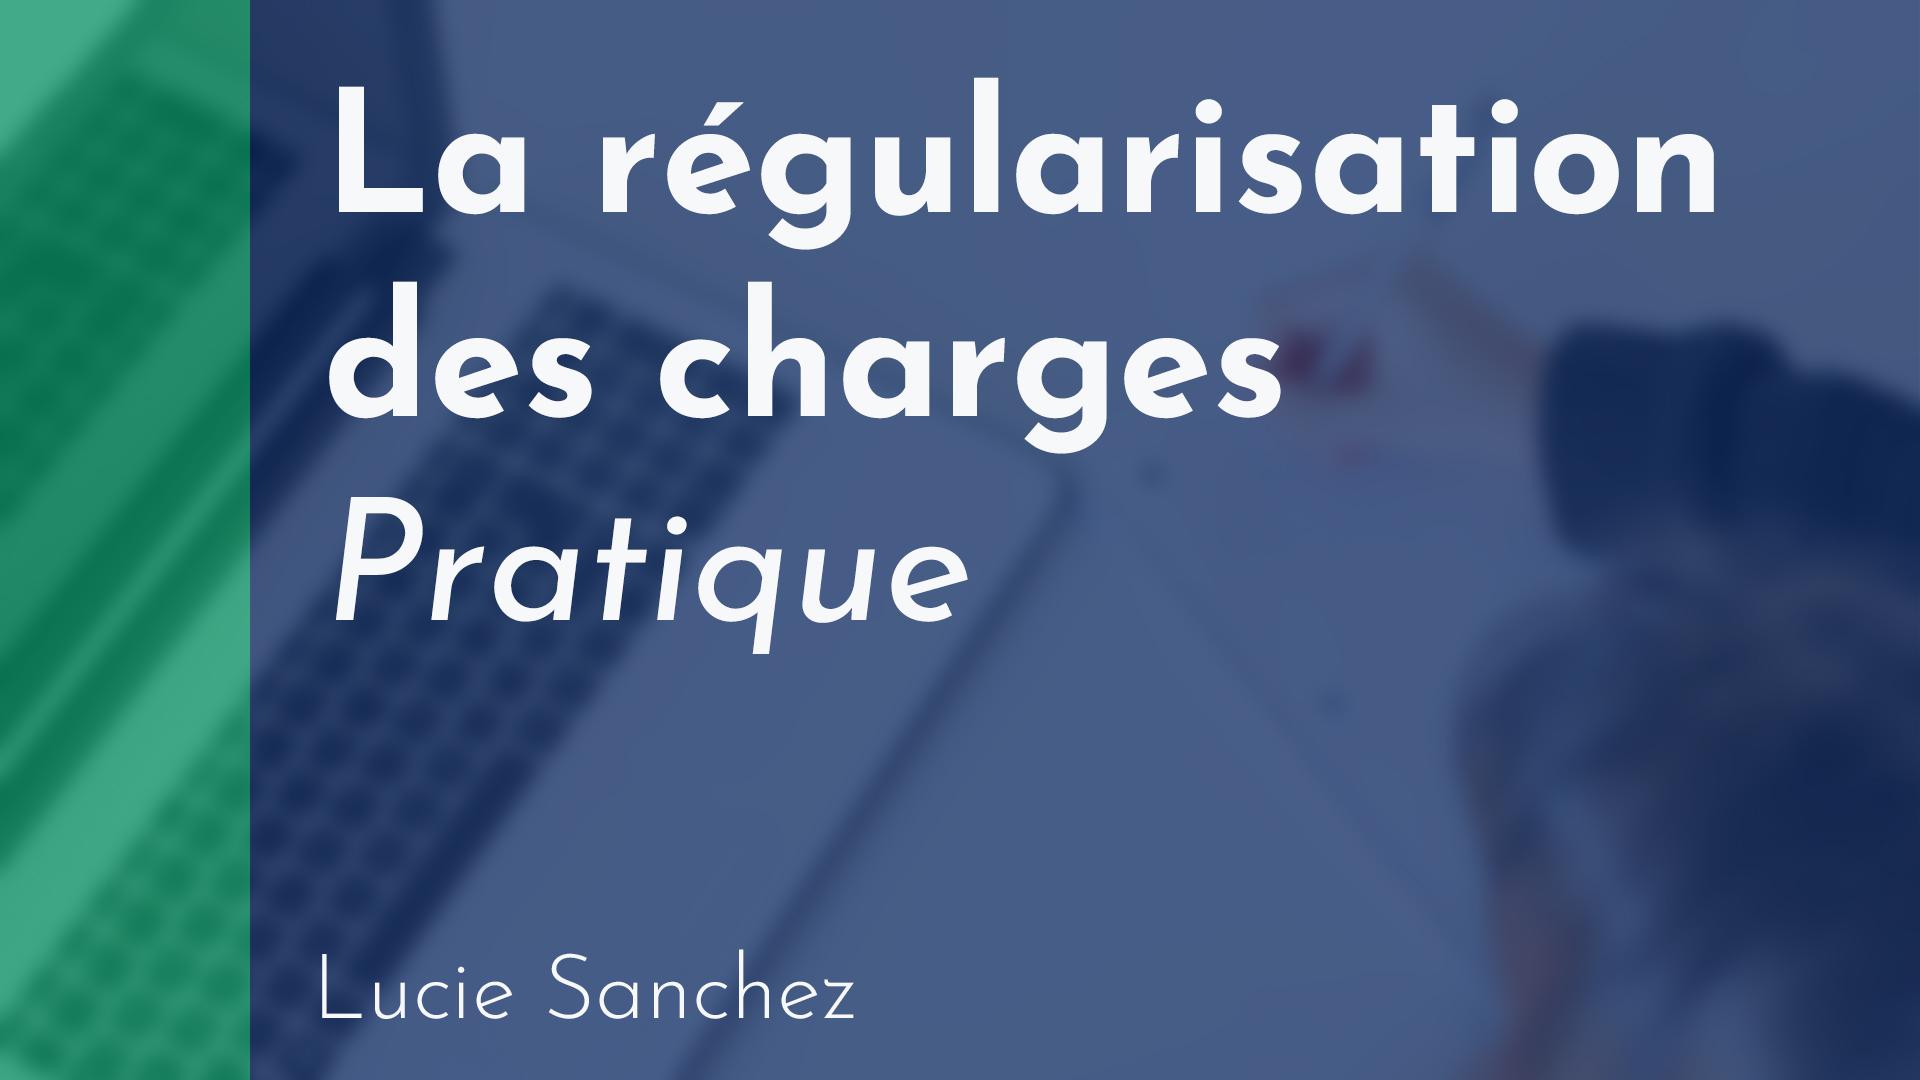 Gérance - Régularisation des charges - Pratique - Lucie Sanchez